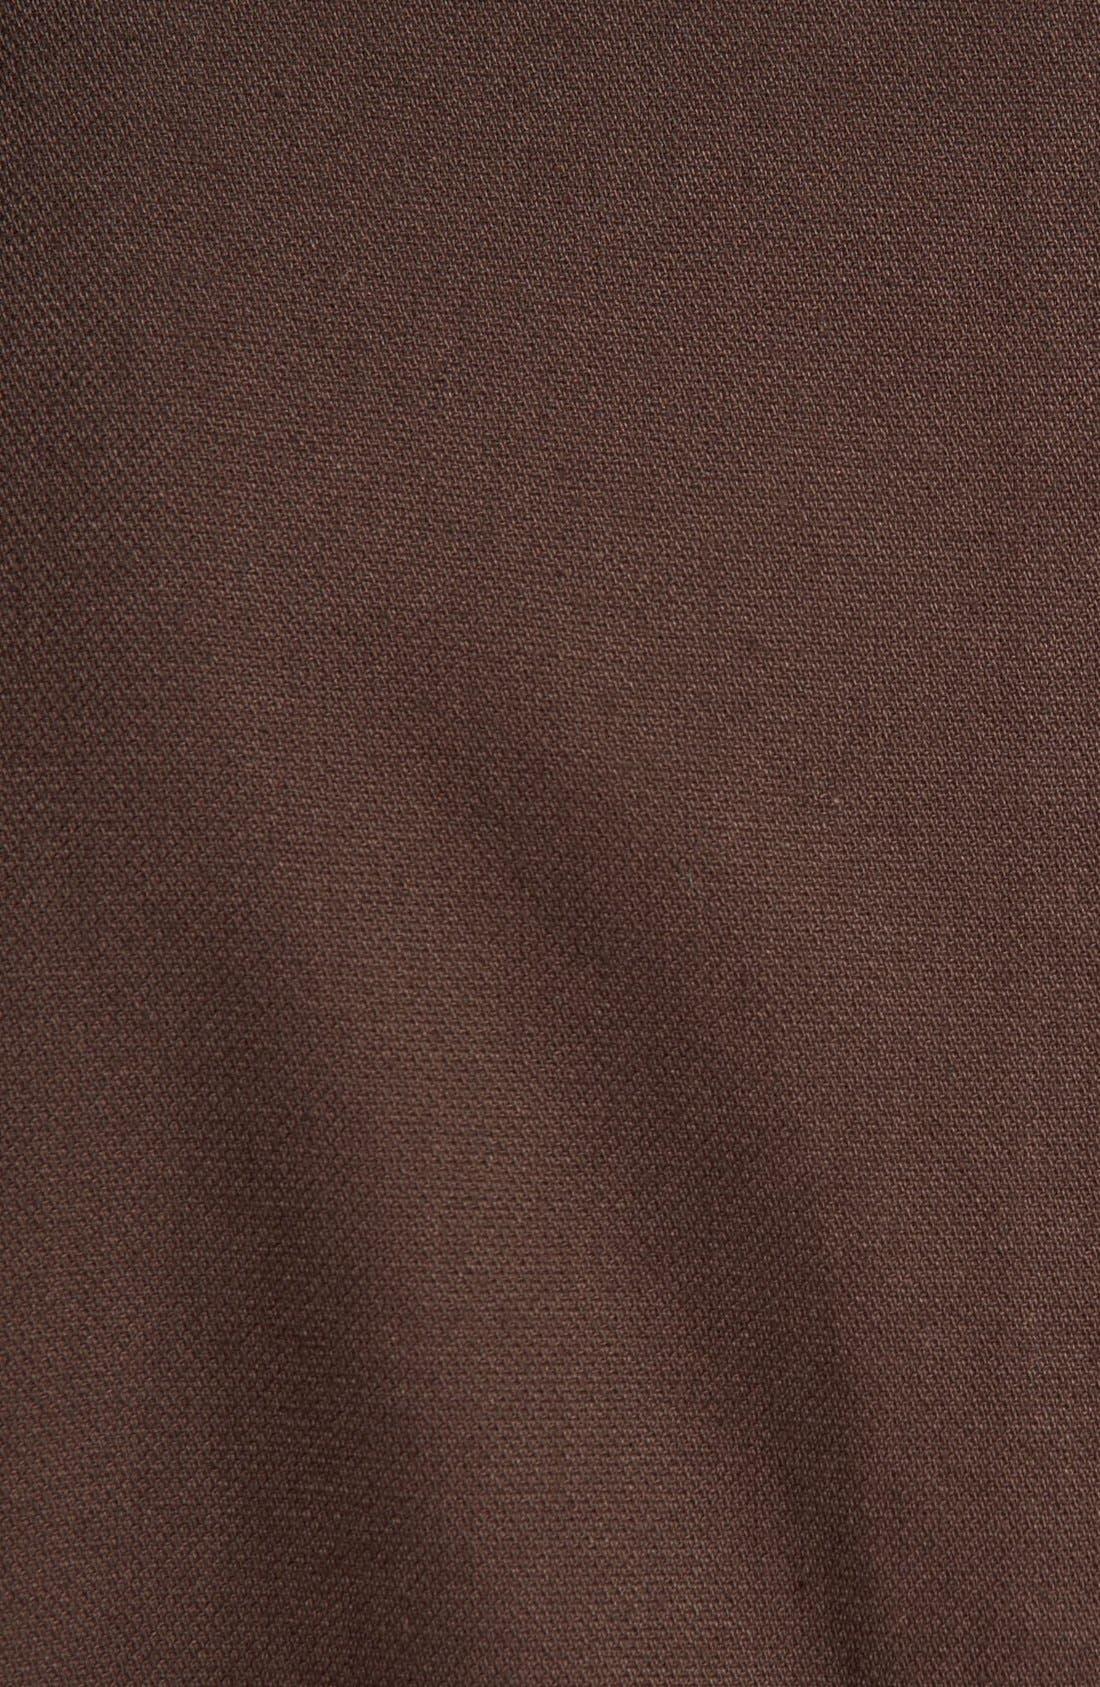 Alternate Image 3  - Wallin & Bros. Trim Fit Dobby Sportcoat